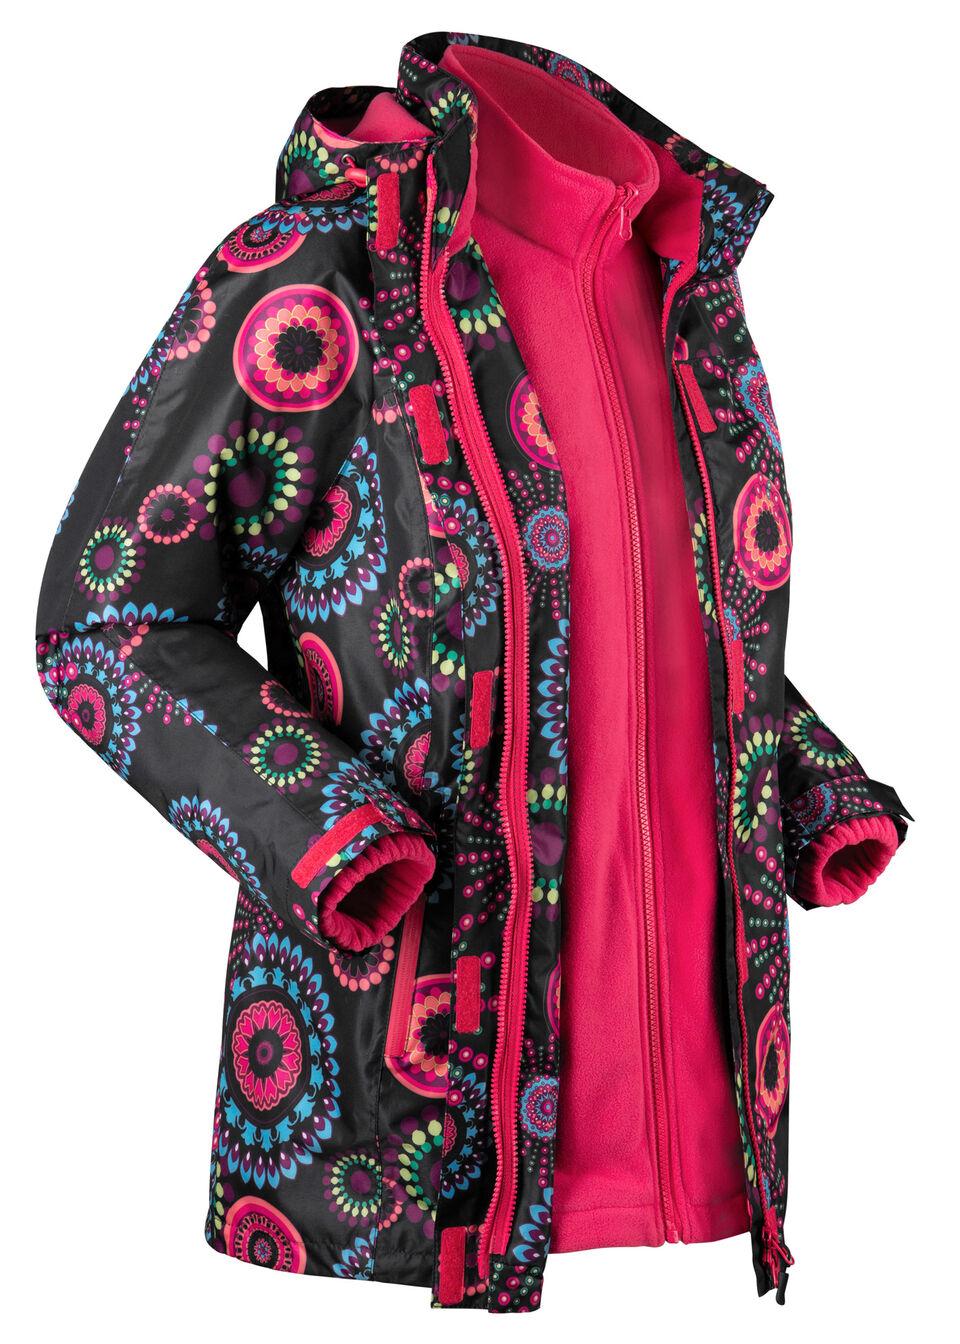 Функциональная куртка 3 в 1 с капюшоном от bonprix